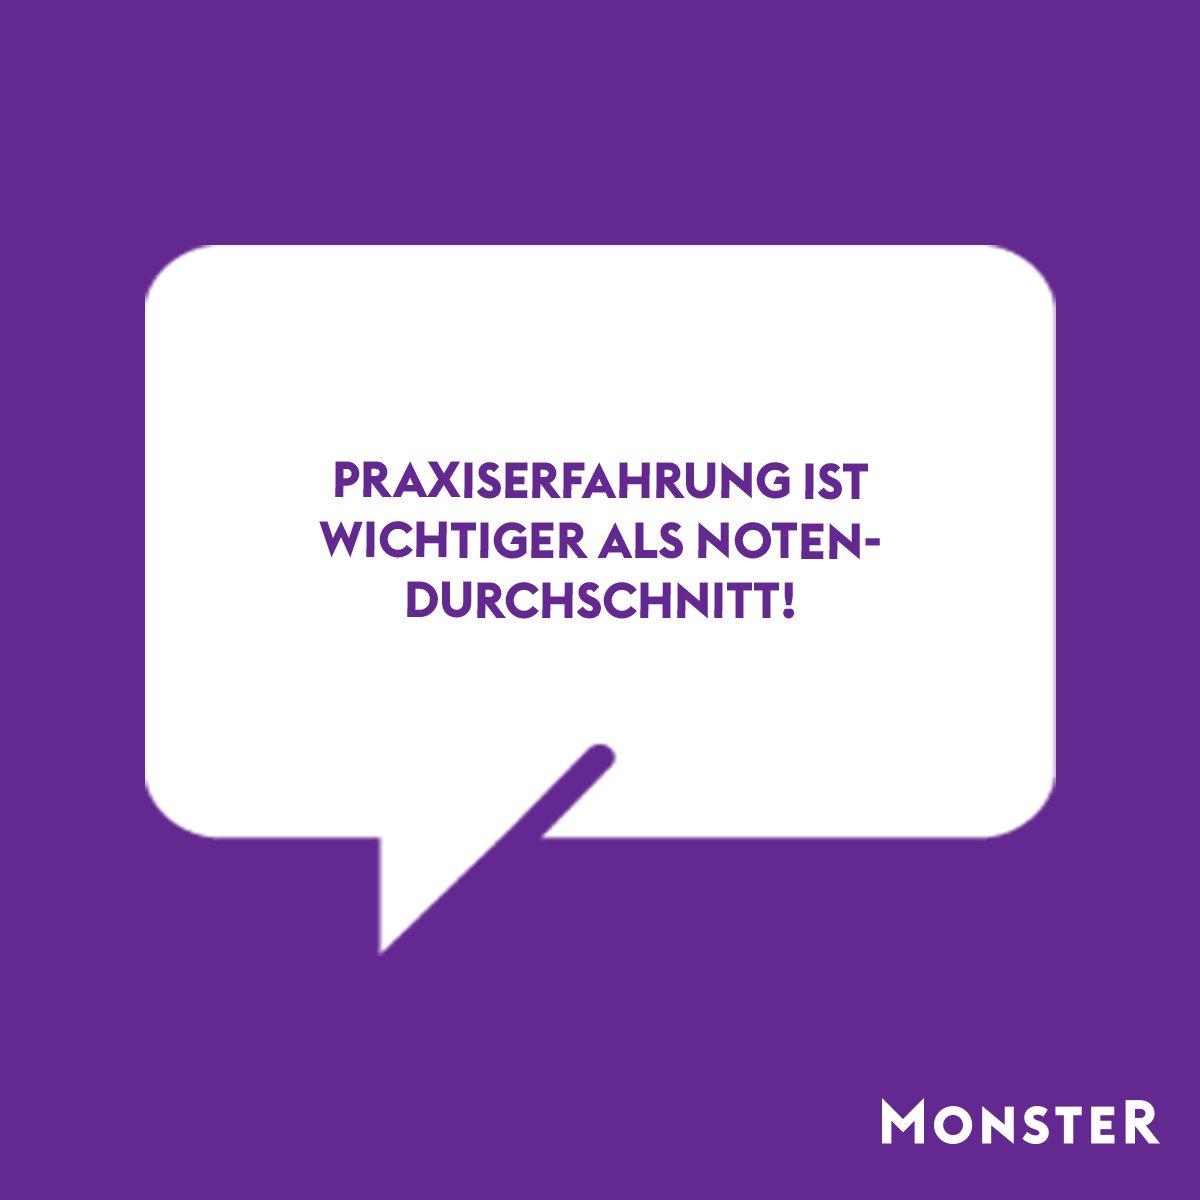 Schön Monster Kann Den Lebenslauf Nicht Hochladen Bilder - Entry ...